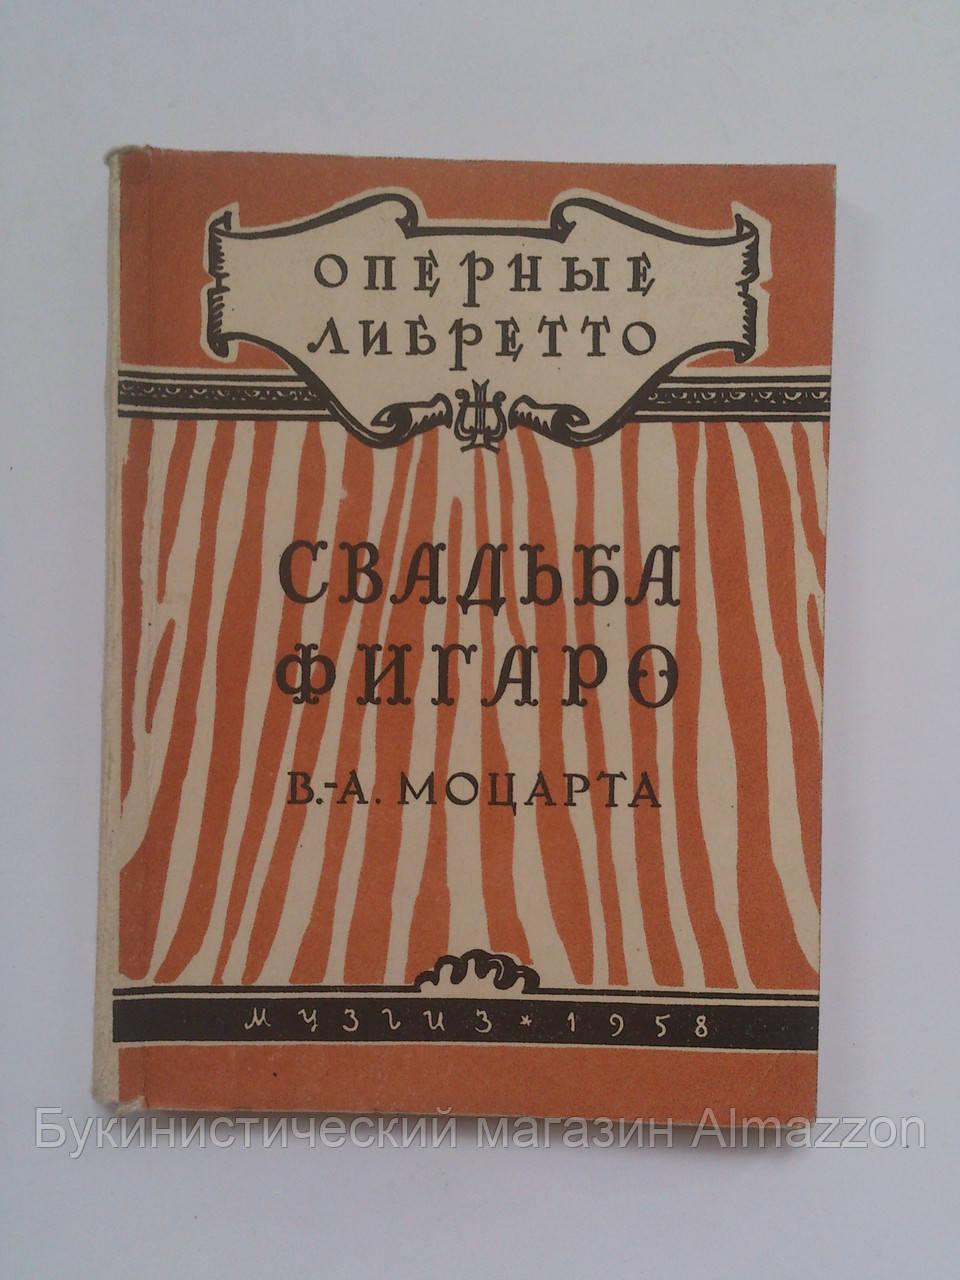 Свадьба Фигаро В.-А.Моцарта. Серия: Оперные либретто. Музгиз. 1958 год